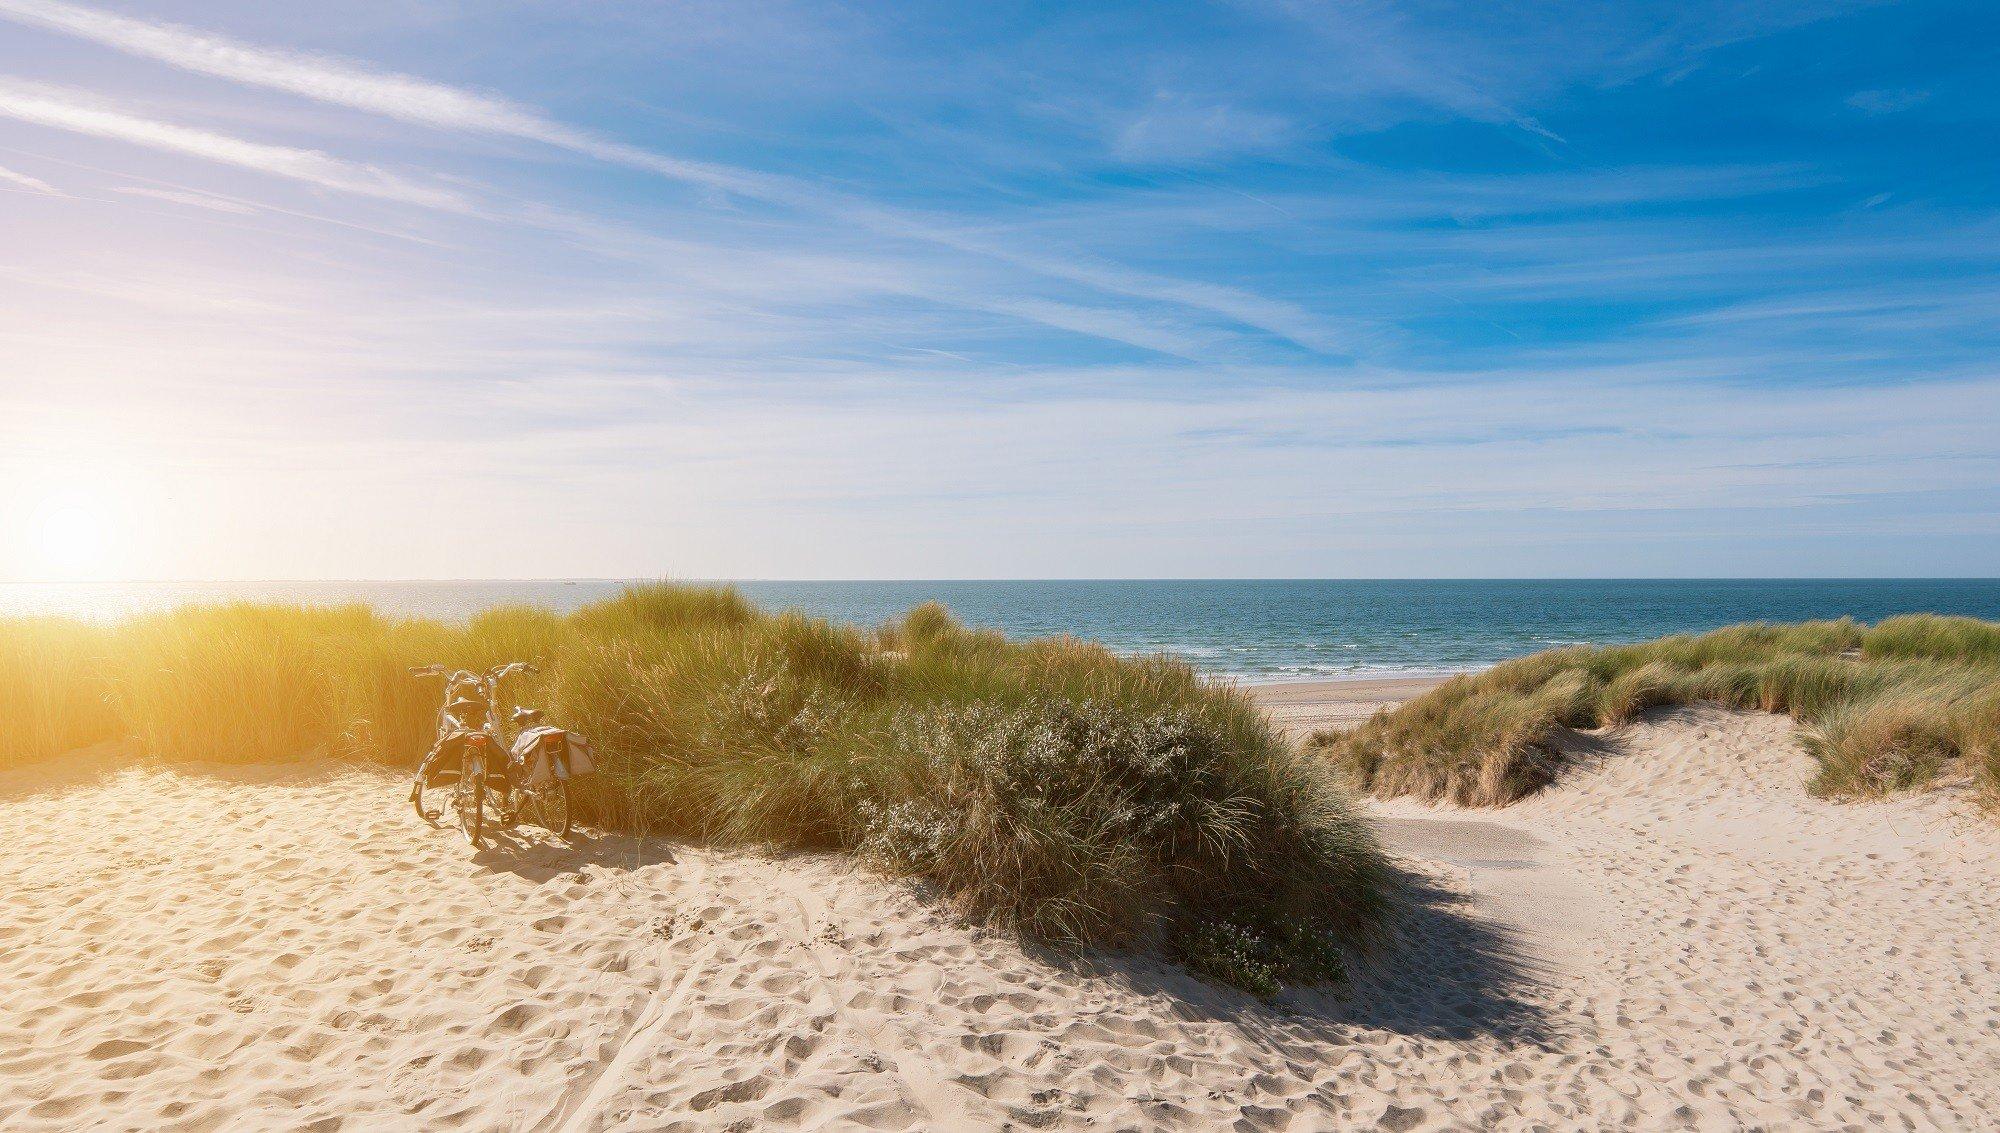 Dagaanbieding - 3 dagen genieten aan het Zeeuwse strand nabij Middelburg incl. 3-gangendiner en meer! dagelijkse koopjes